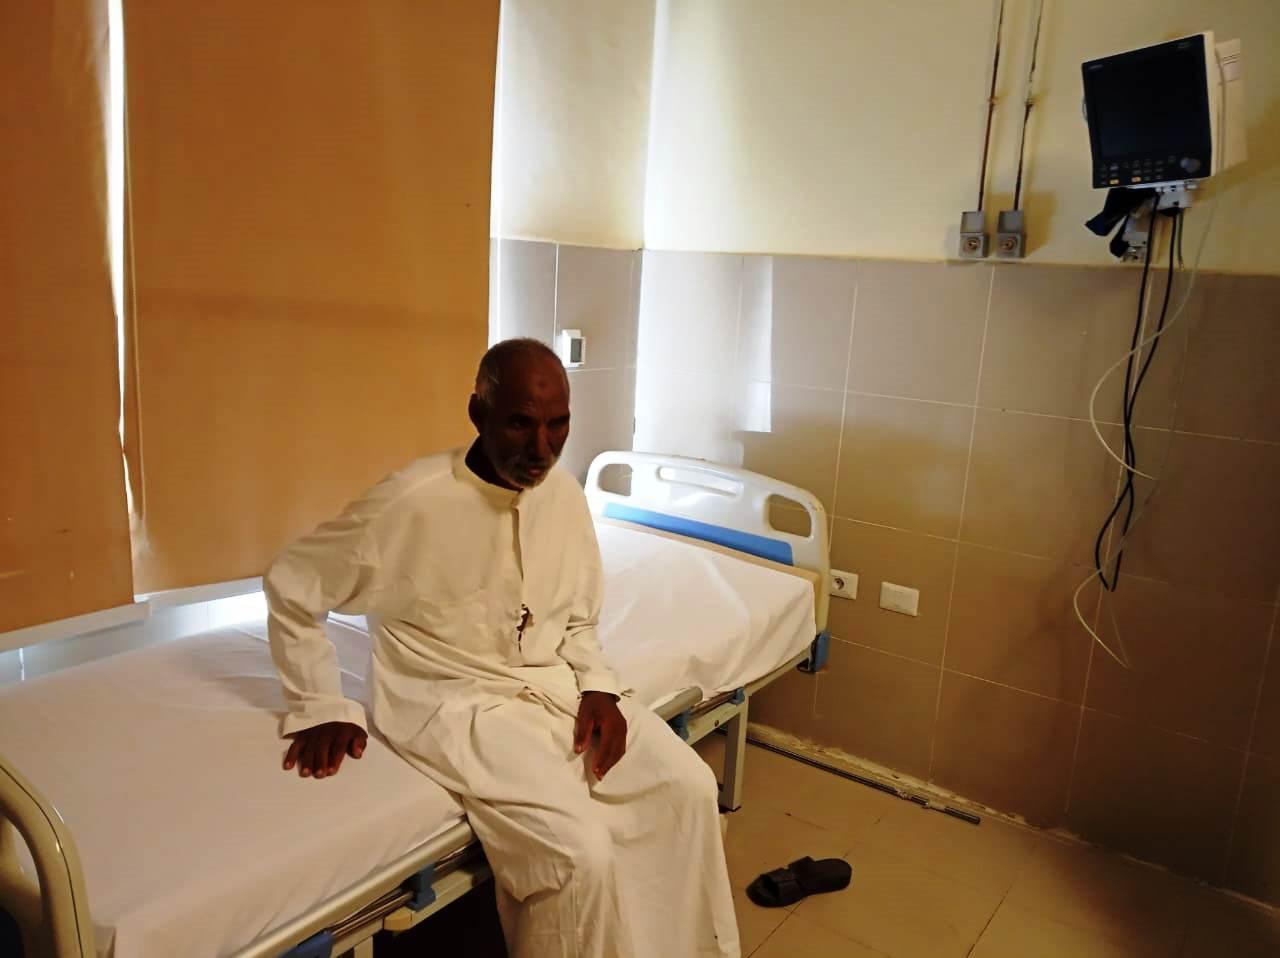 المريض داخل المستشفى (2)